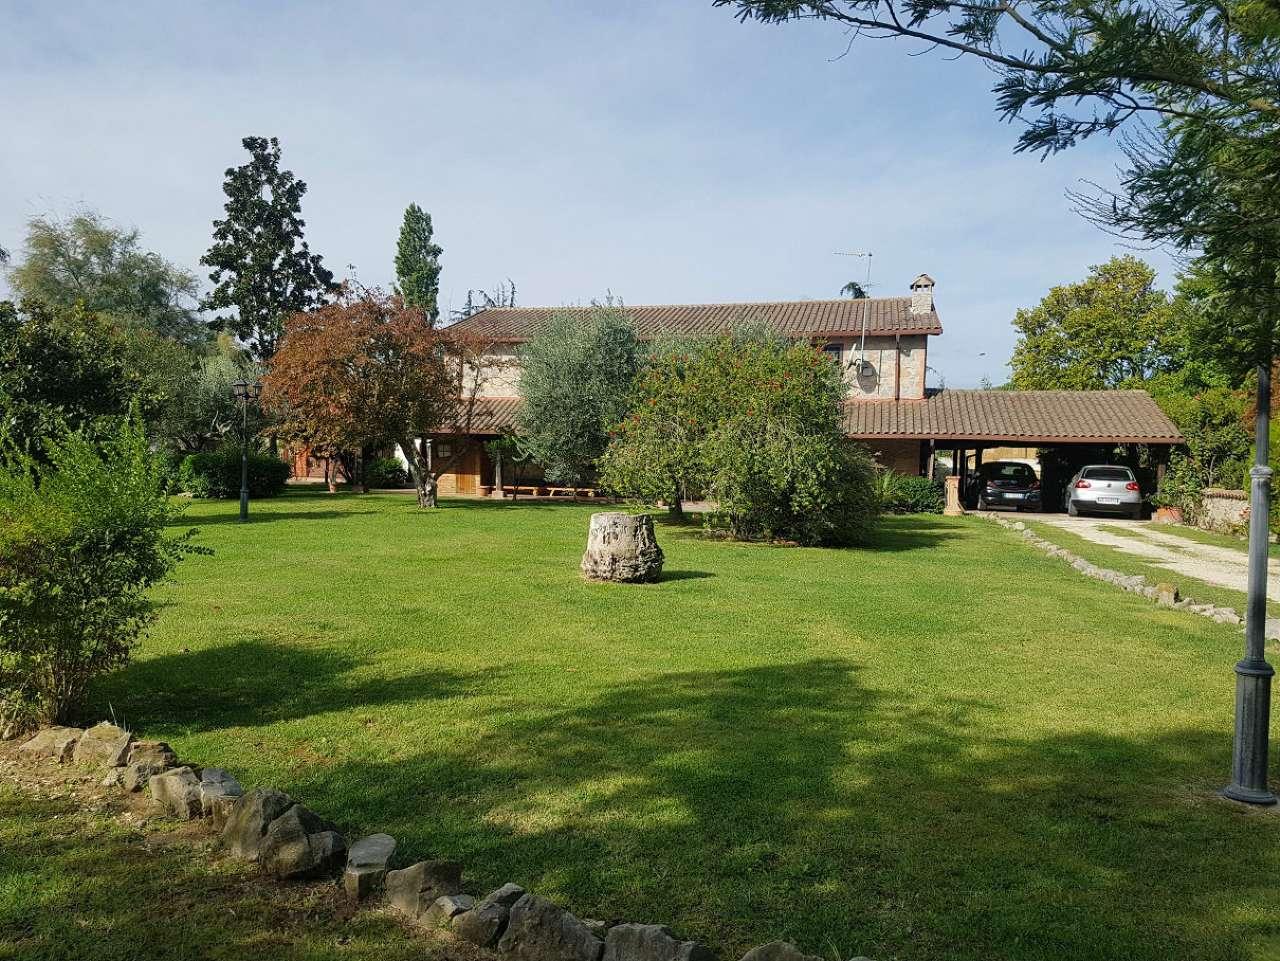 Villa in affitto a Fiano Romano, 6 locali, prezzo € 2.500 | CambioCasa.it